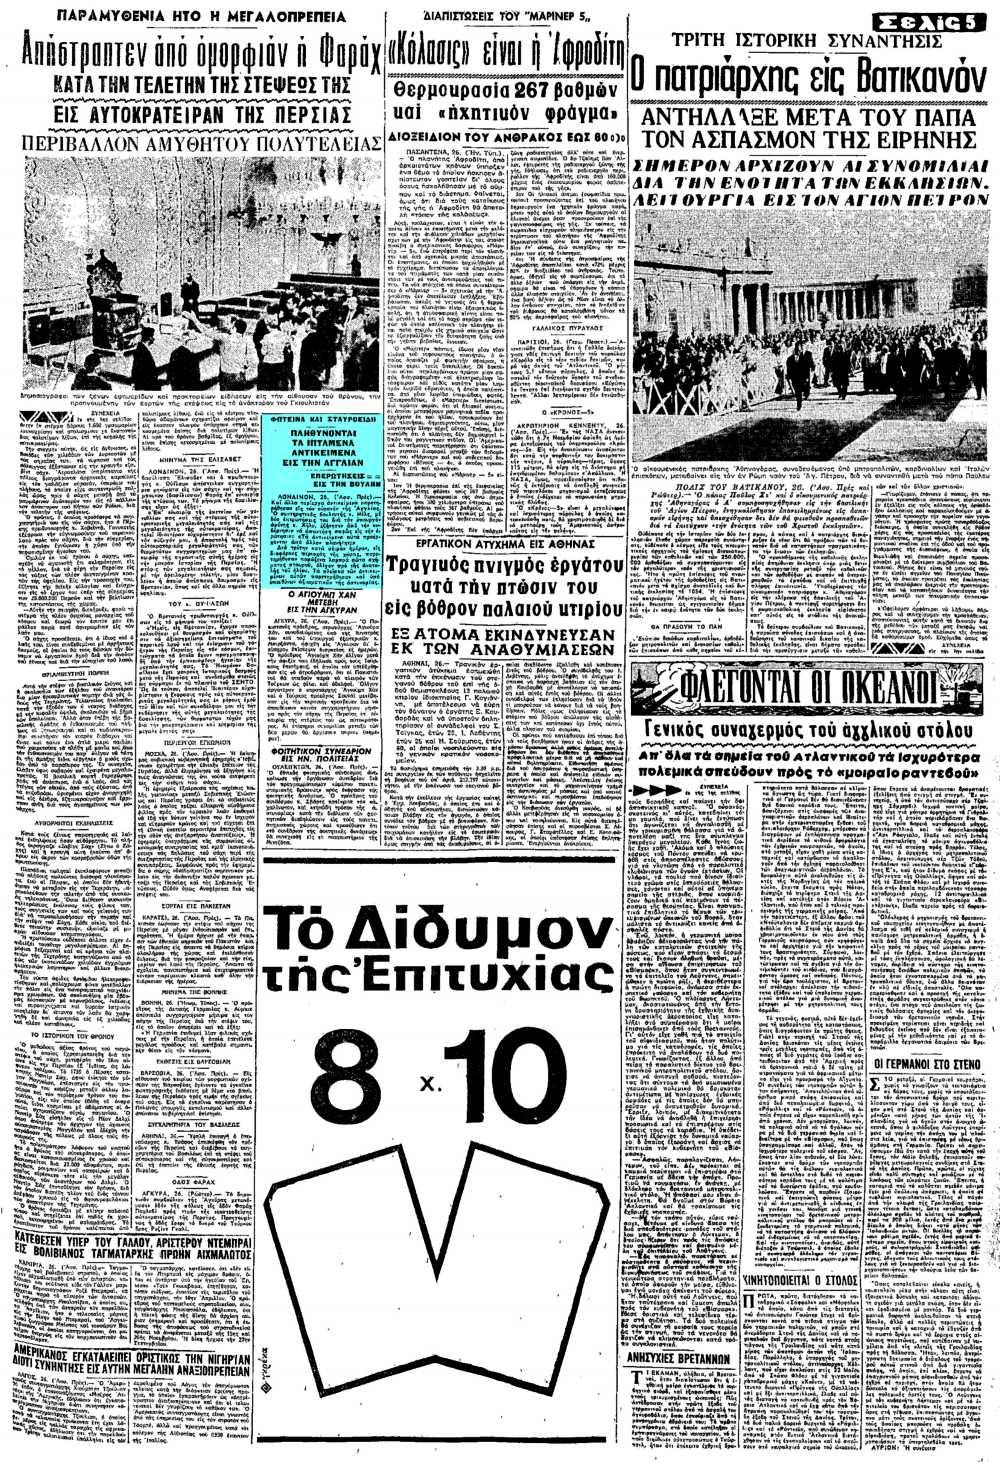 """Το άρθρο, όπως δημοσιεύθηκε στην εφημερίδα """"ΜΑΚΕΔΟΝΙΑ"""", στις 27/10/1967"""